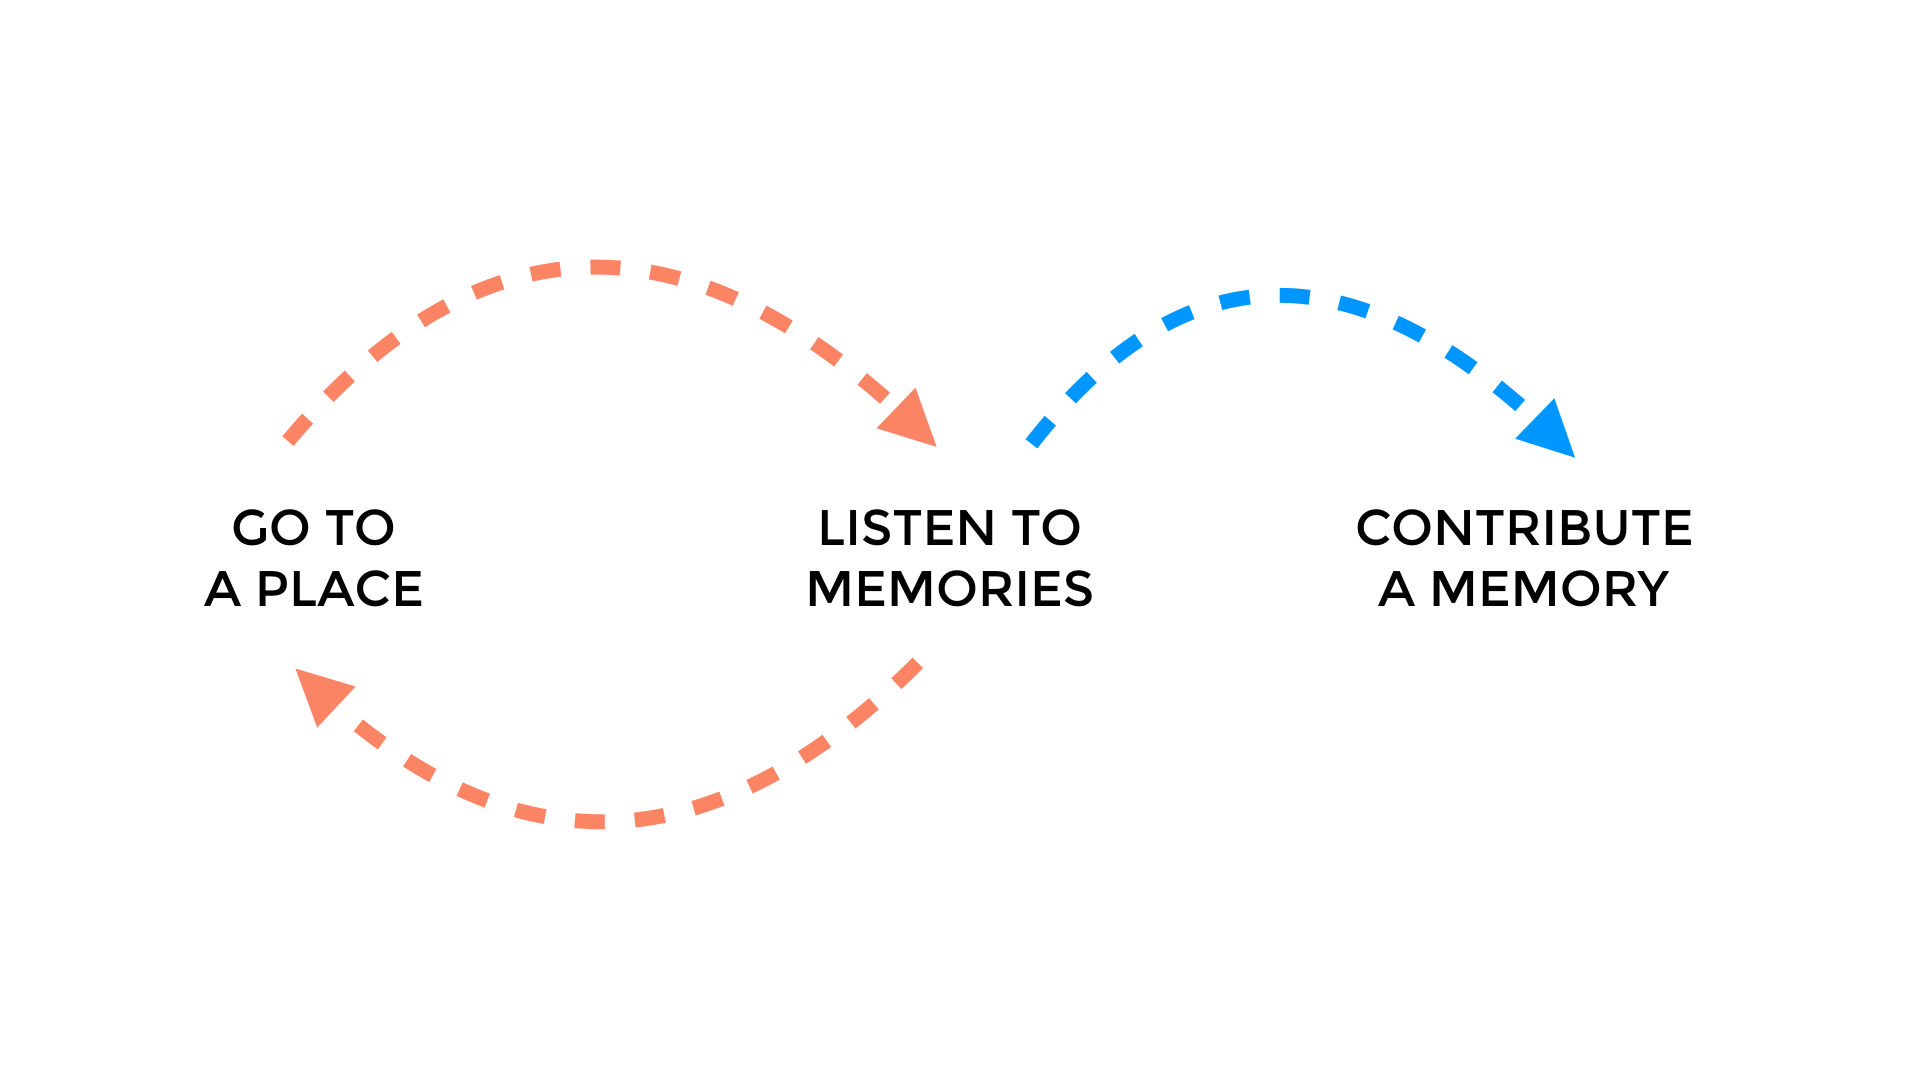 Basic User Flow.